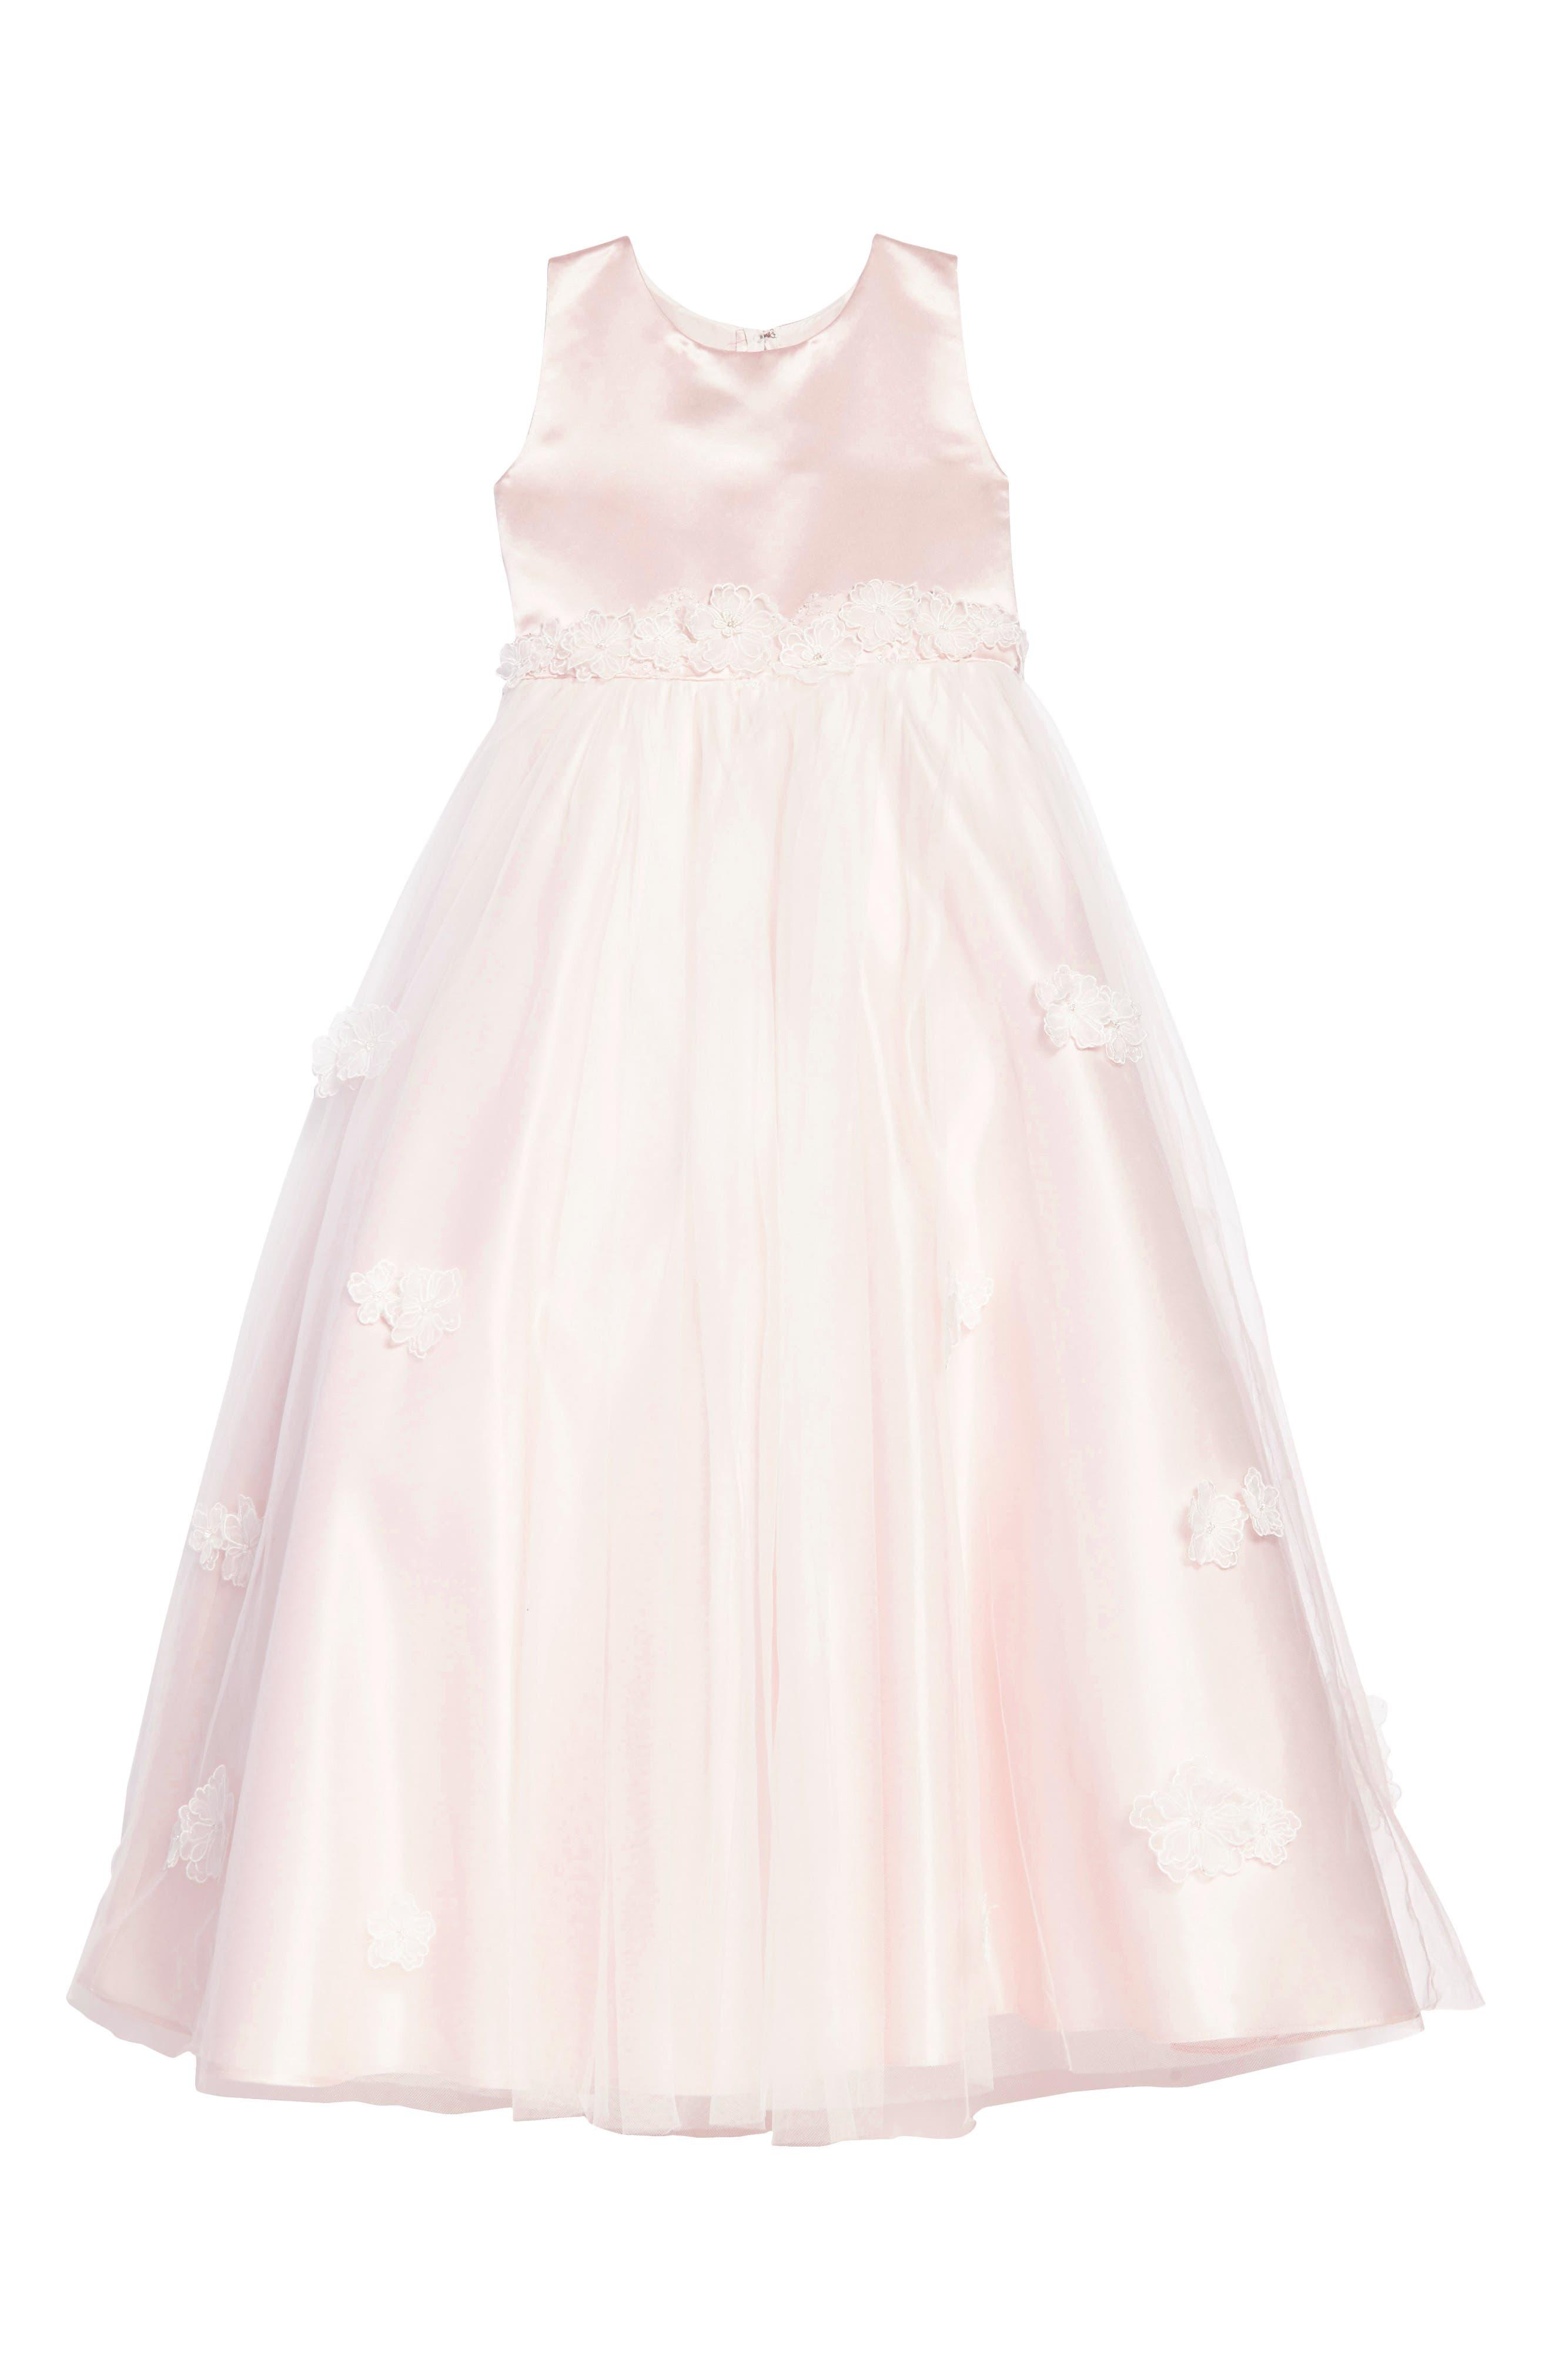 Joan Calabrese for Mon Cheri Satin & Tulle Dress (Toddler Girls, Little Girls & Big Girls)